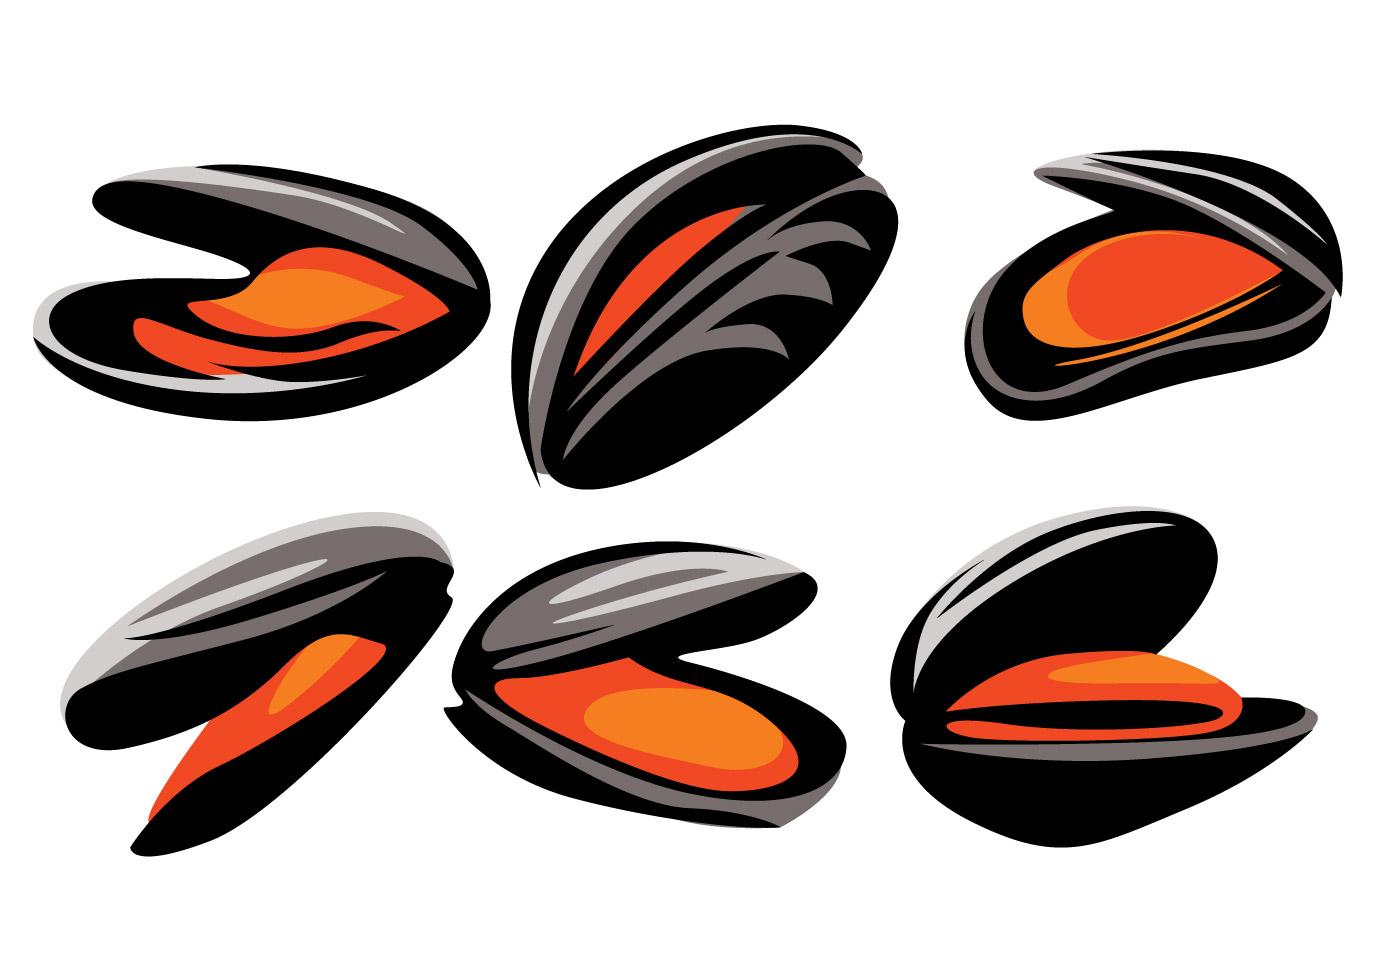 Mussel Vector - Download Free Vector Art, Stock Graphics ...